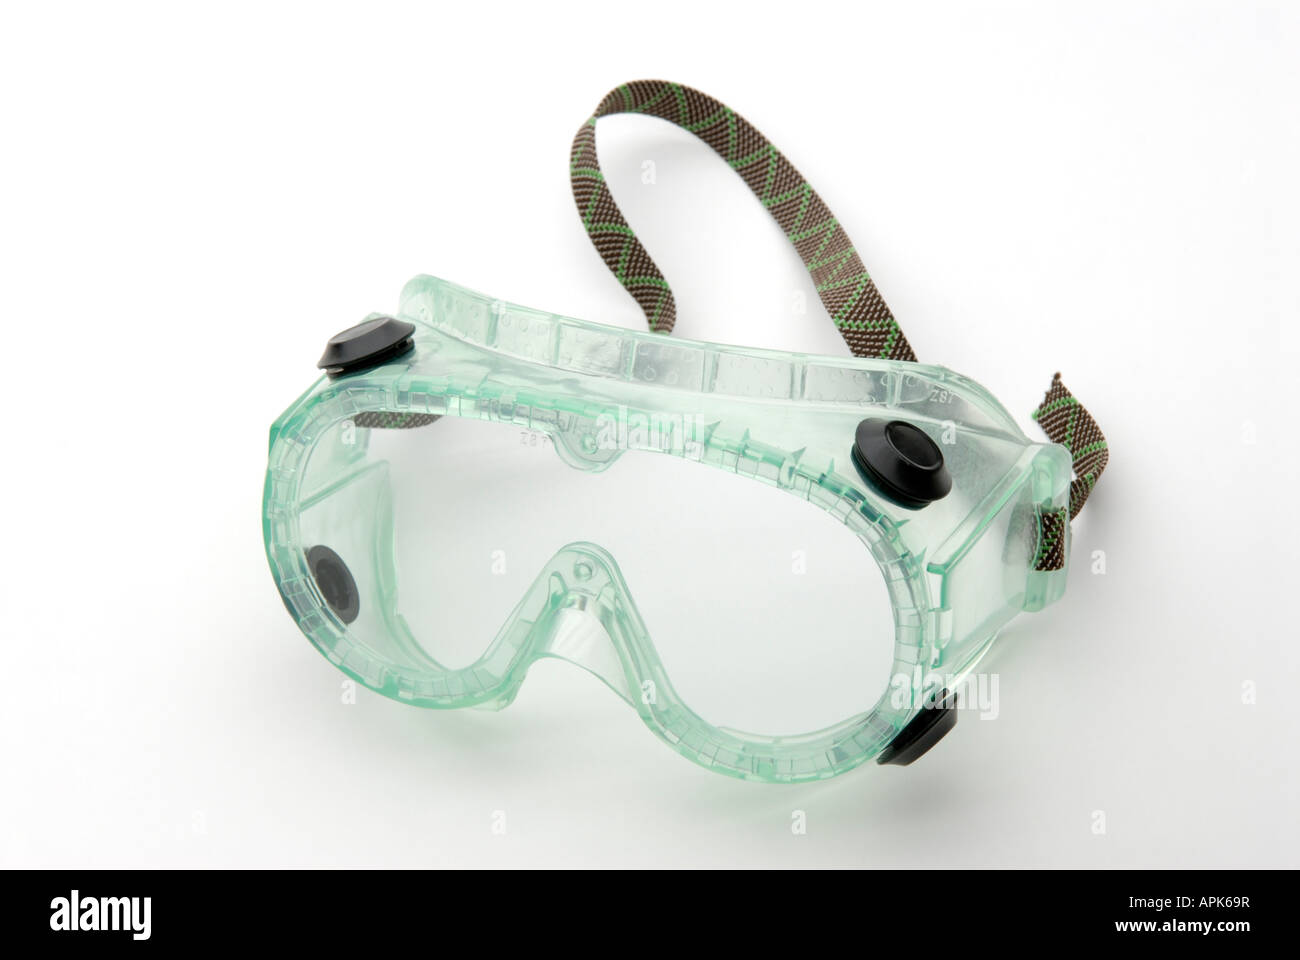 Des lunettes de sécurité anti-éclaboussures pour une utilisation dans les laboratoires de recherche Photo Stock